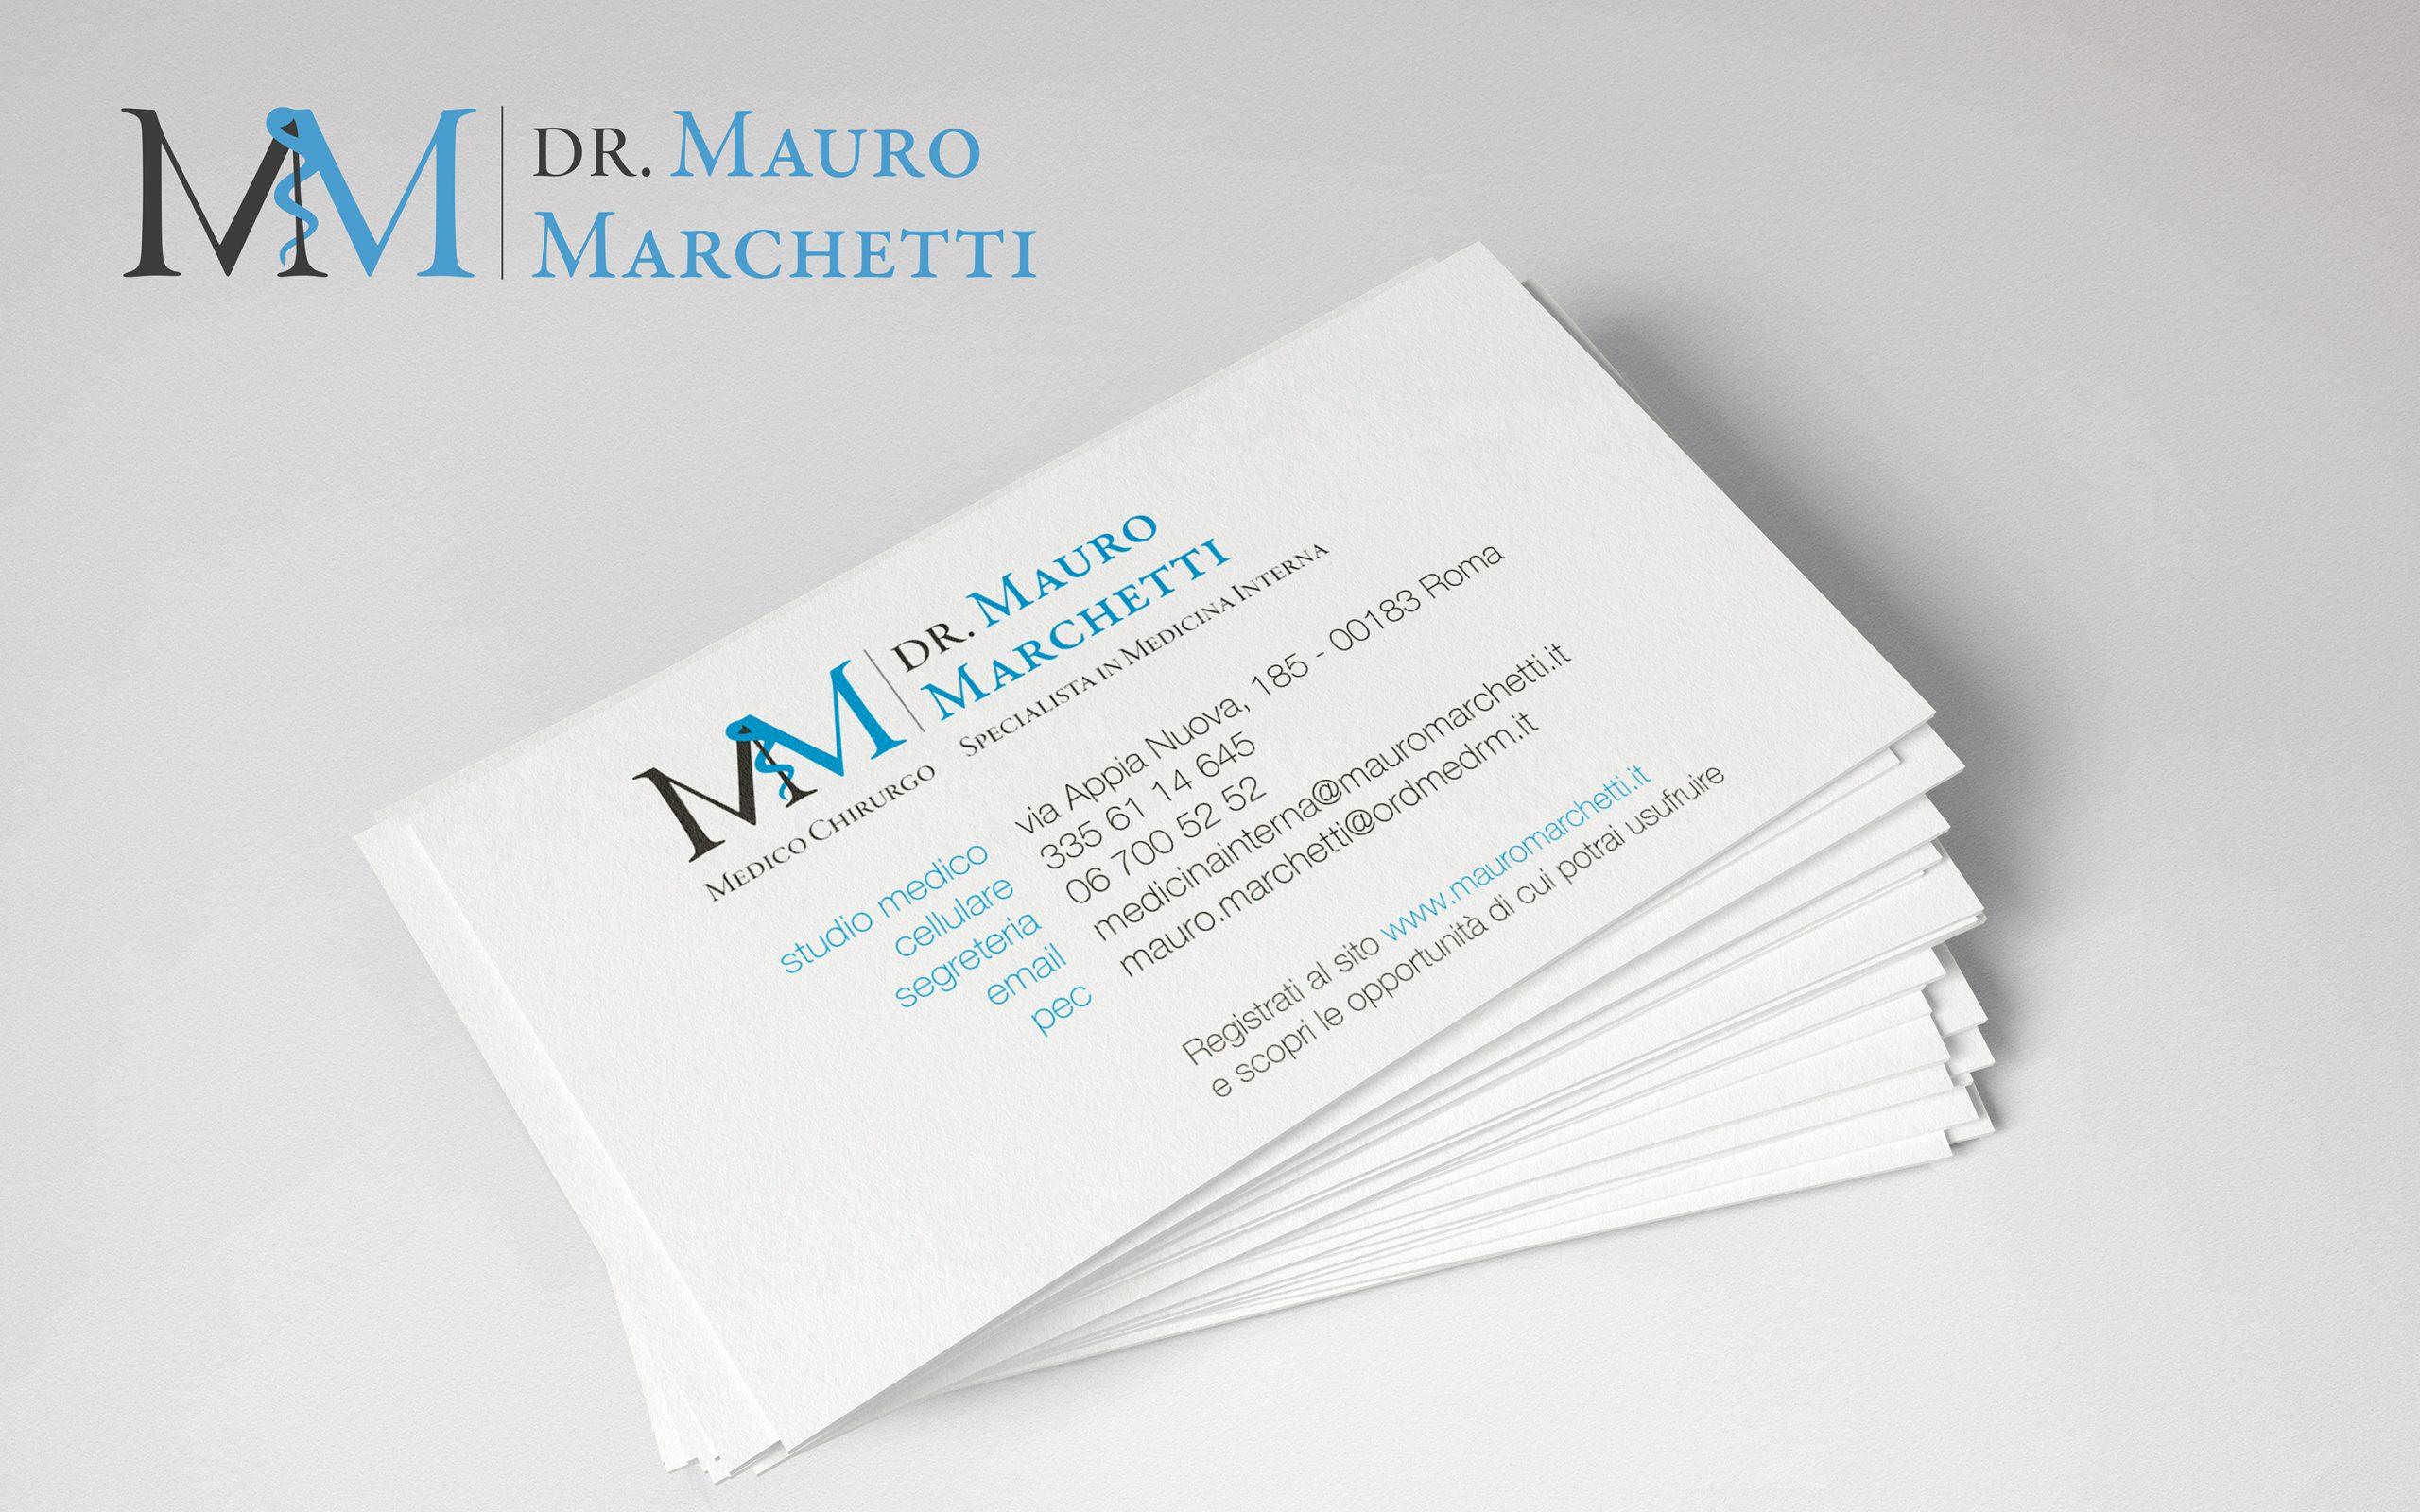 Marchio e biglietto da visita dr. mauro marchetti